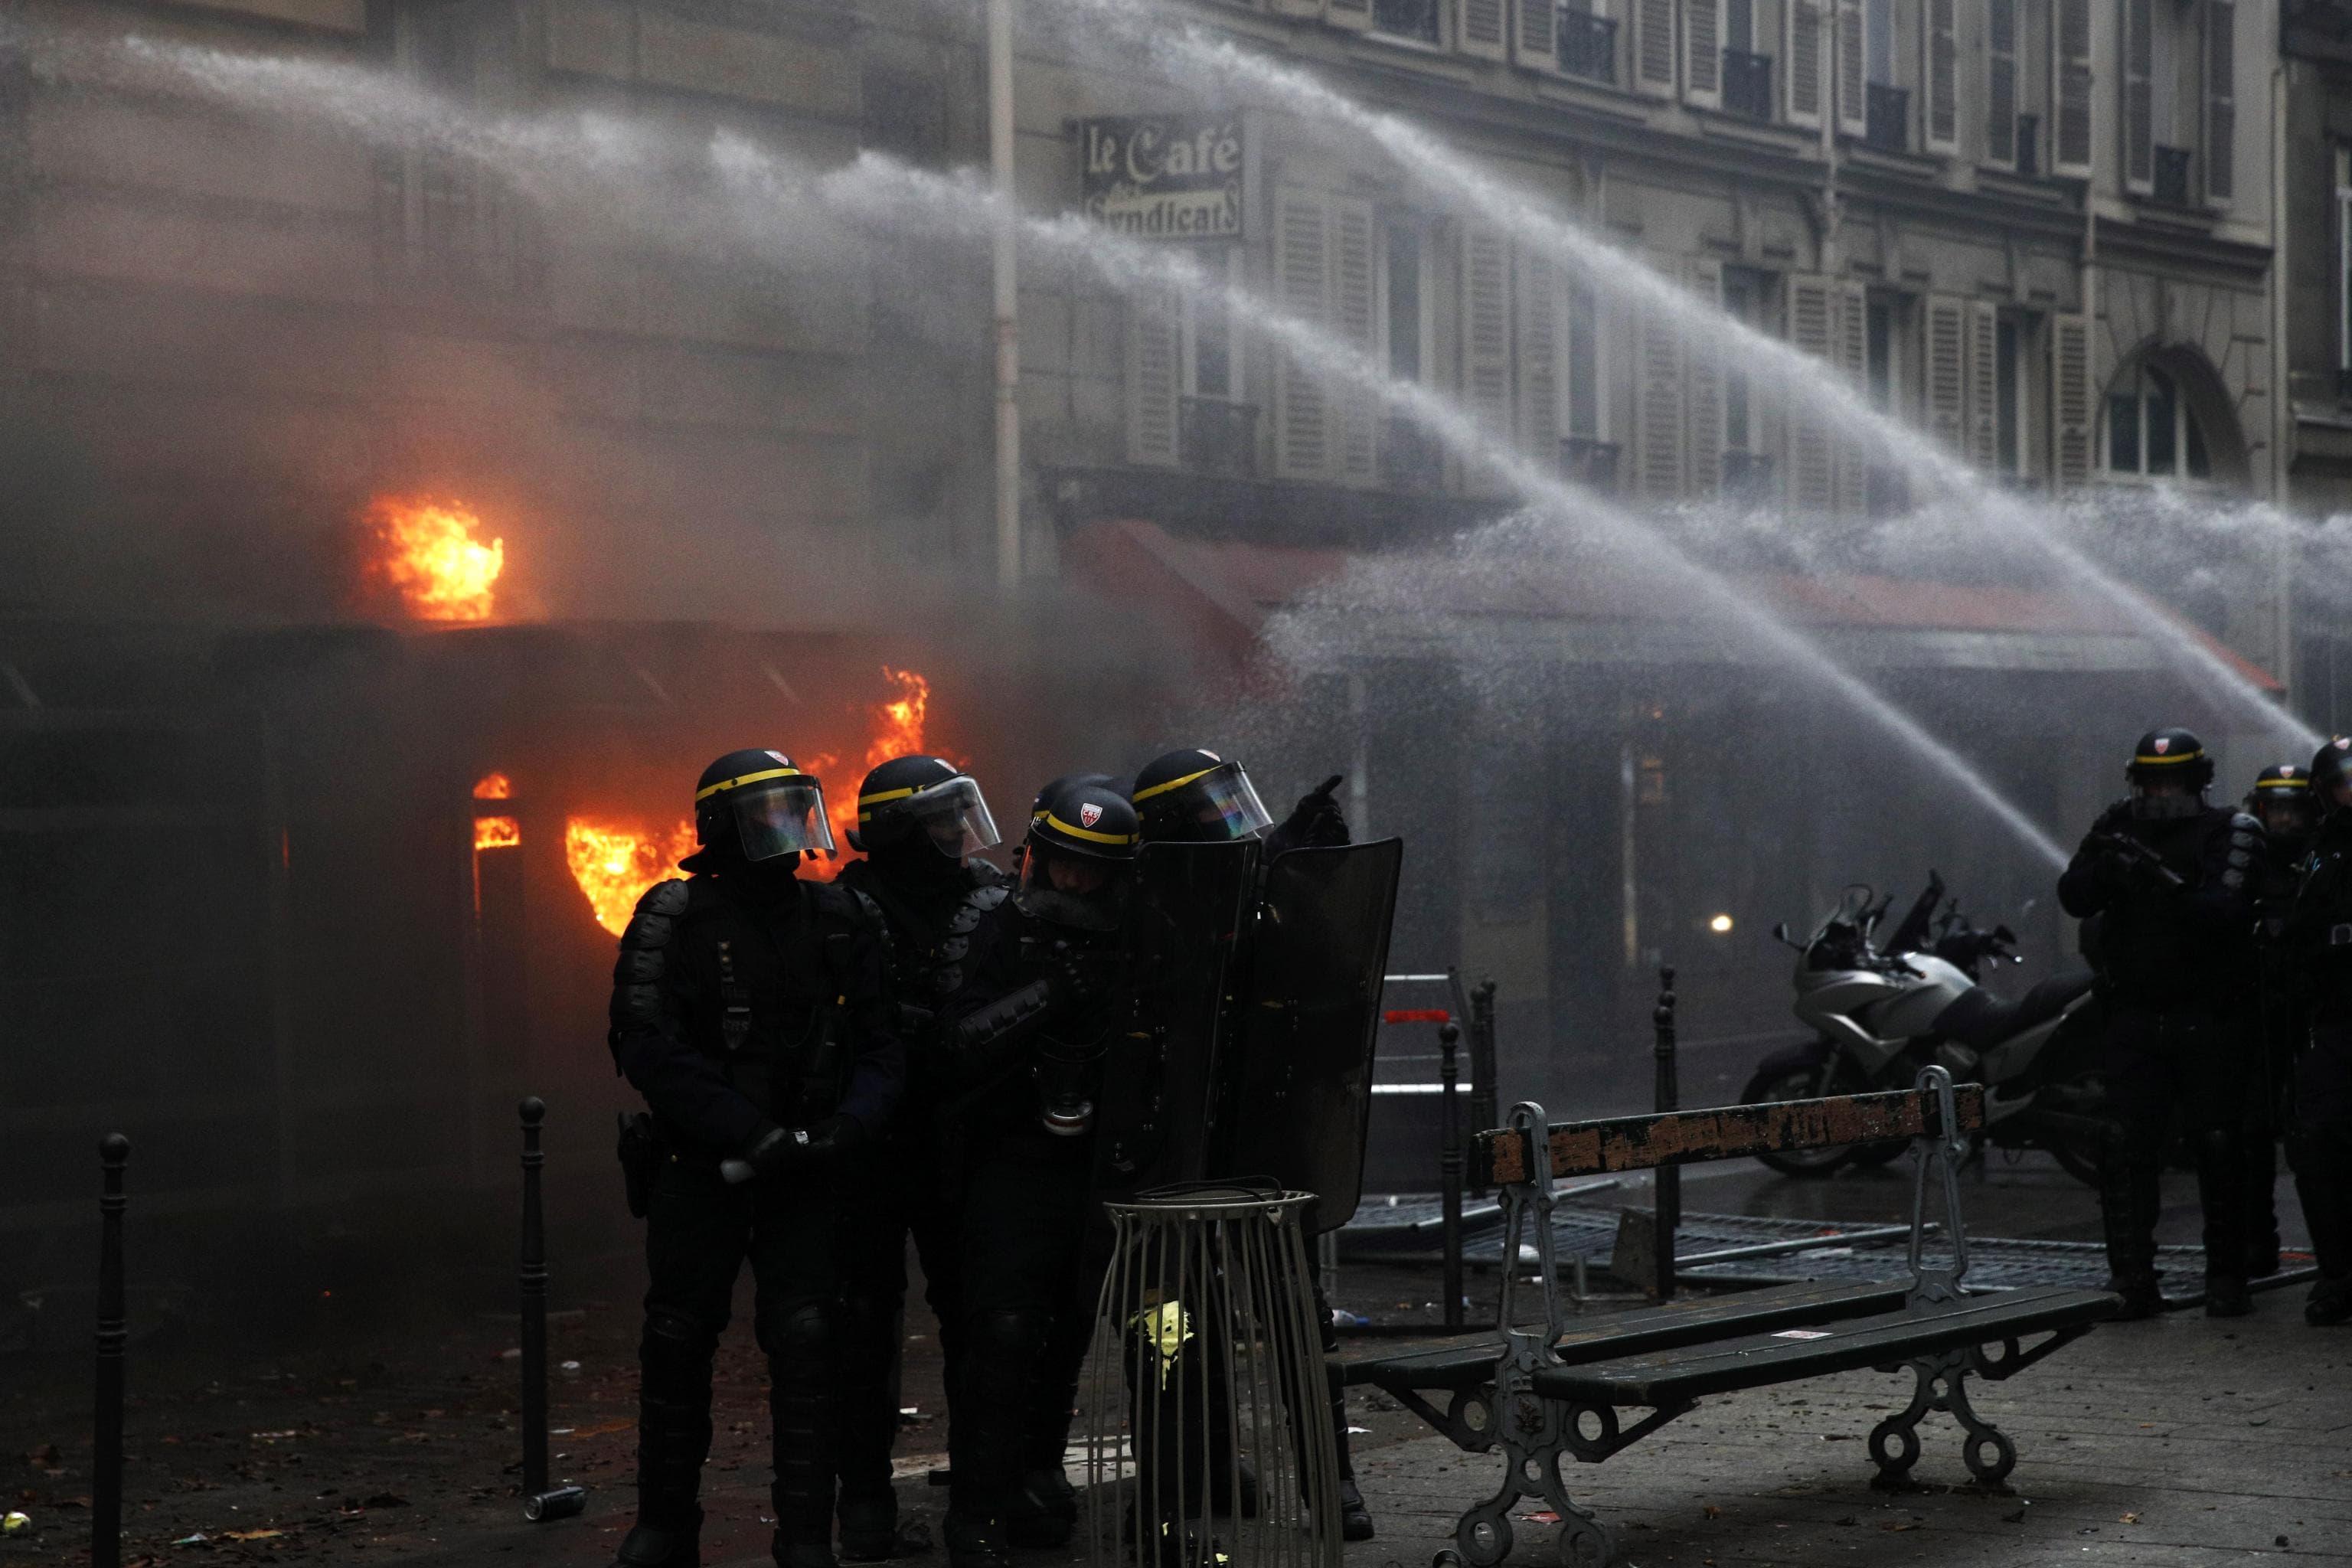 Scontri in Francia per la riforma delle pensioni. Un momento degli scontri a Parigi foto ANSA YOAN VALAT-2-2